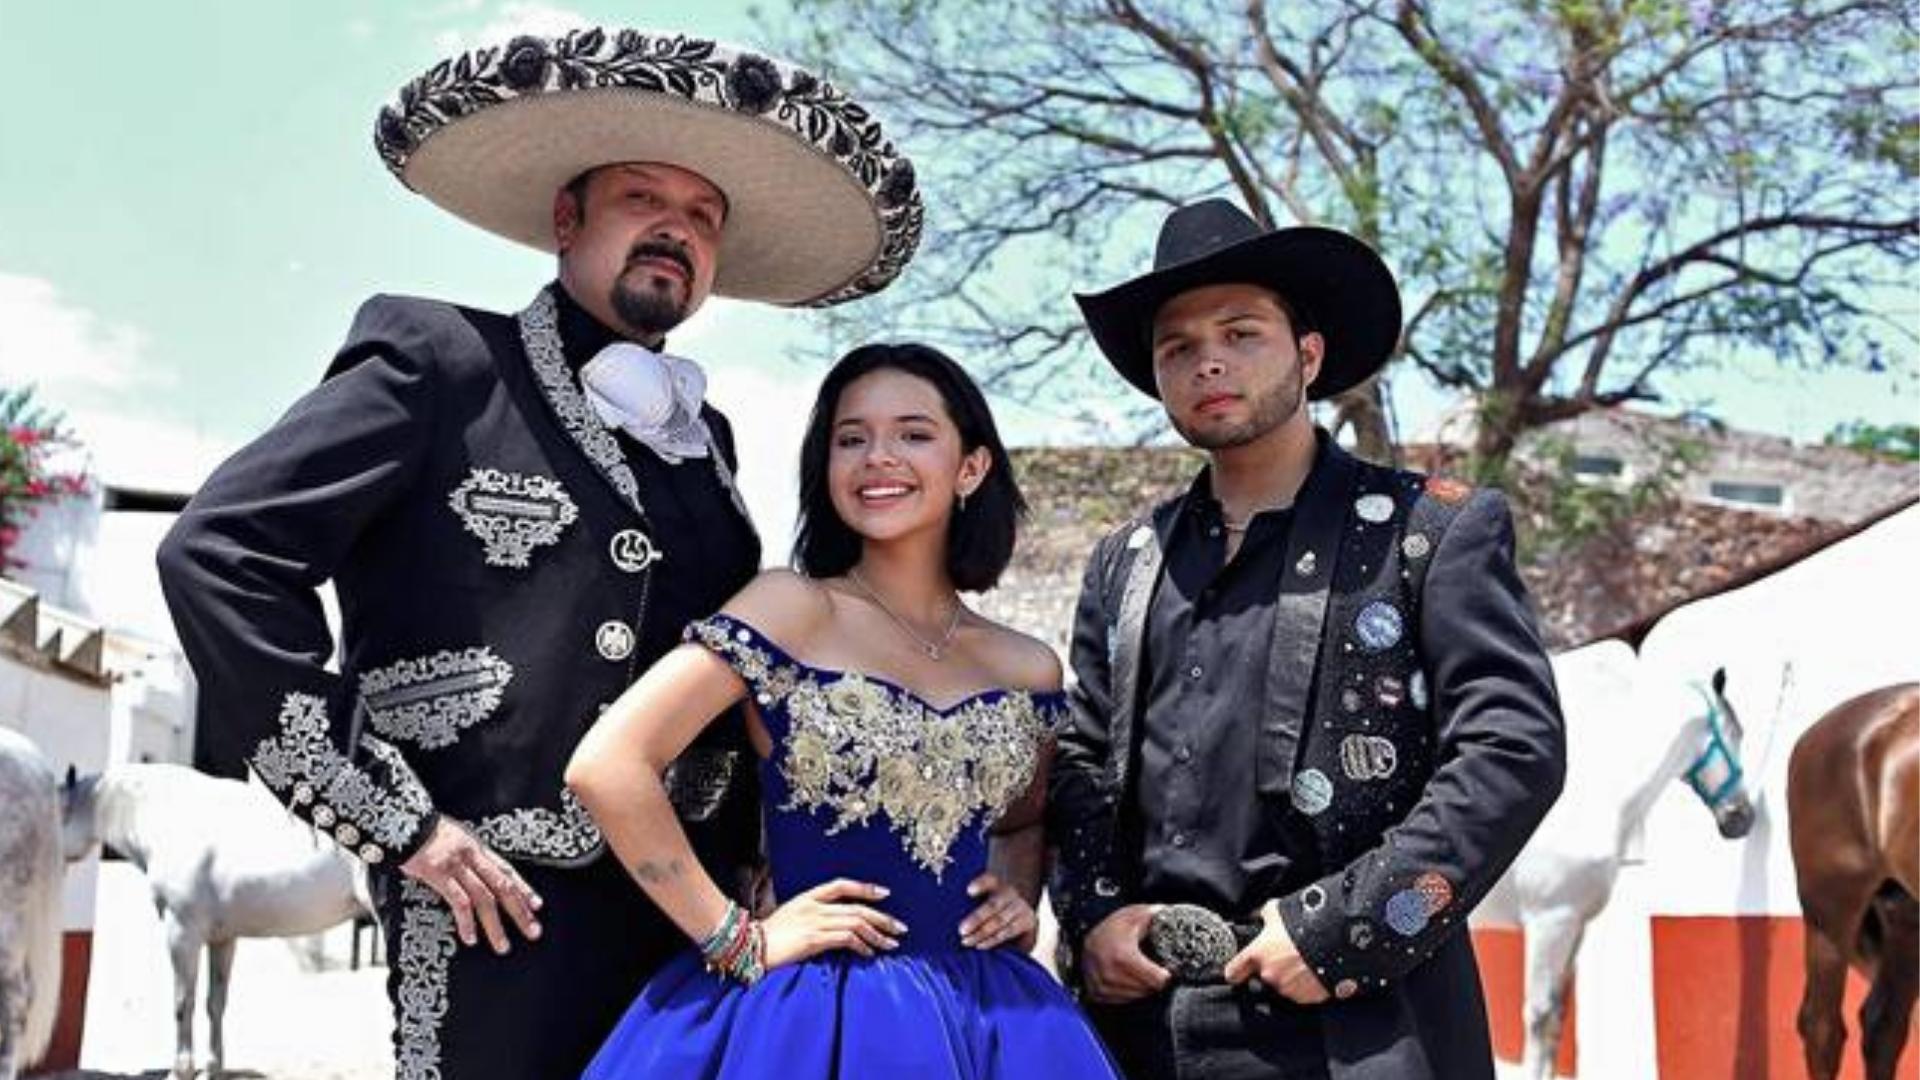 Pepe Aguilar informa las fechas de Jaripeo sin Fronteras 2021 en México